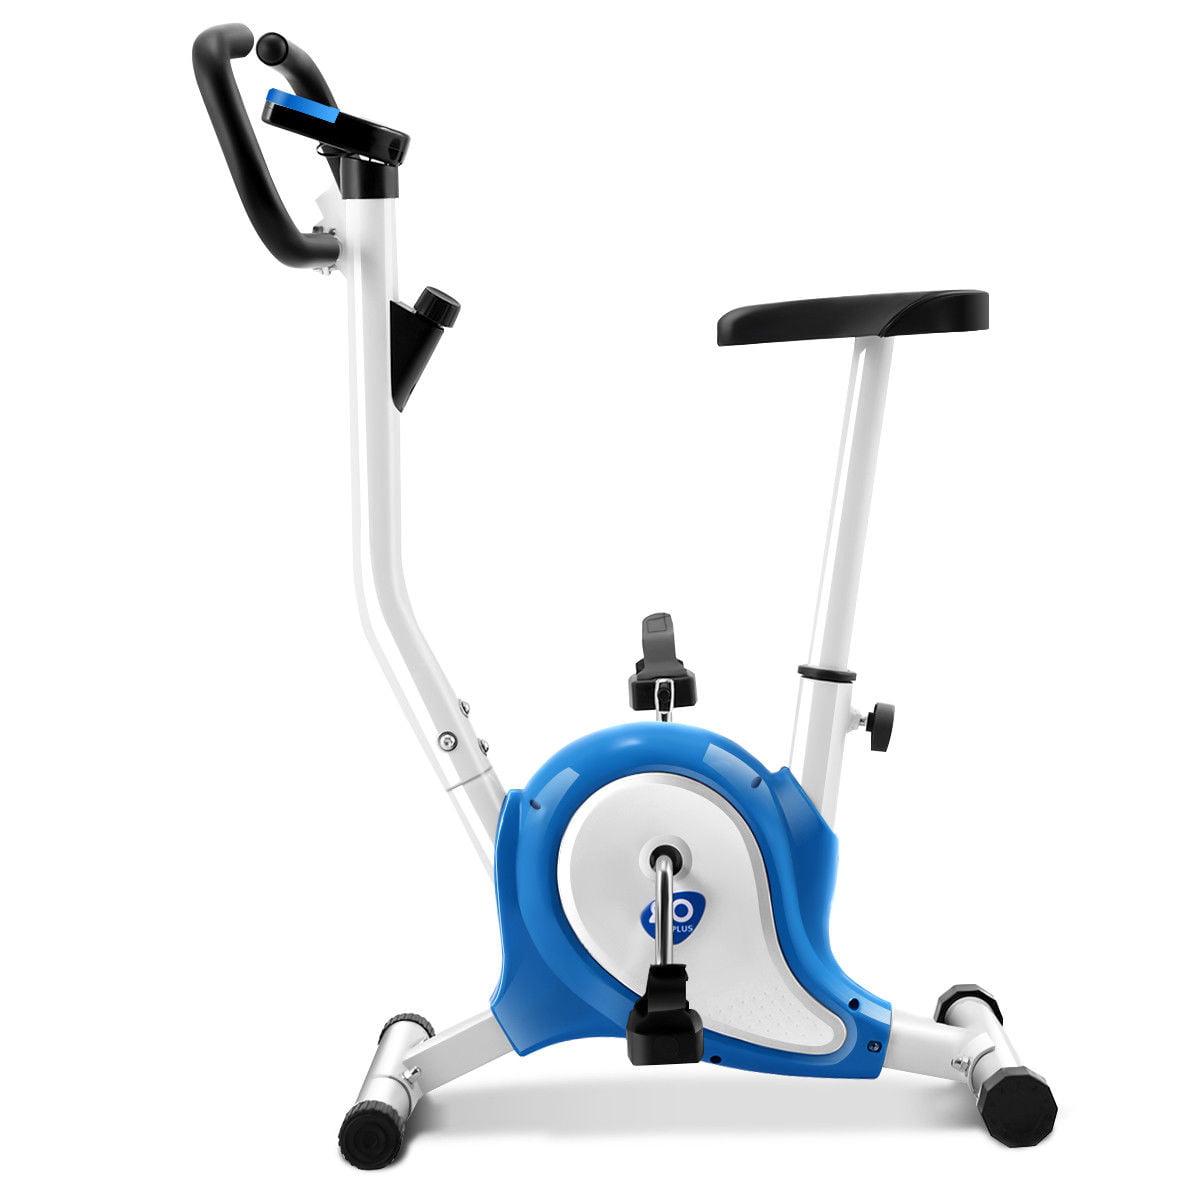 Goplus Blue Upright Exercise Bike